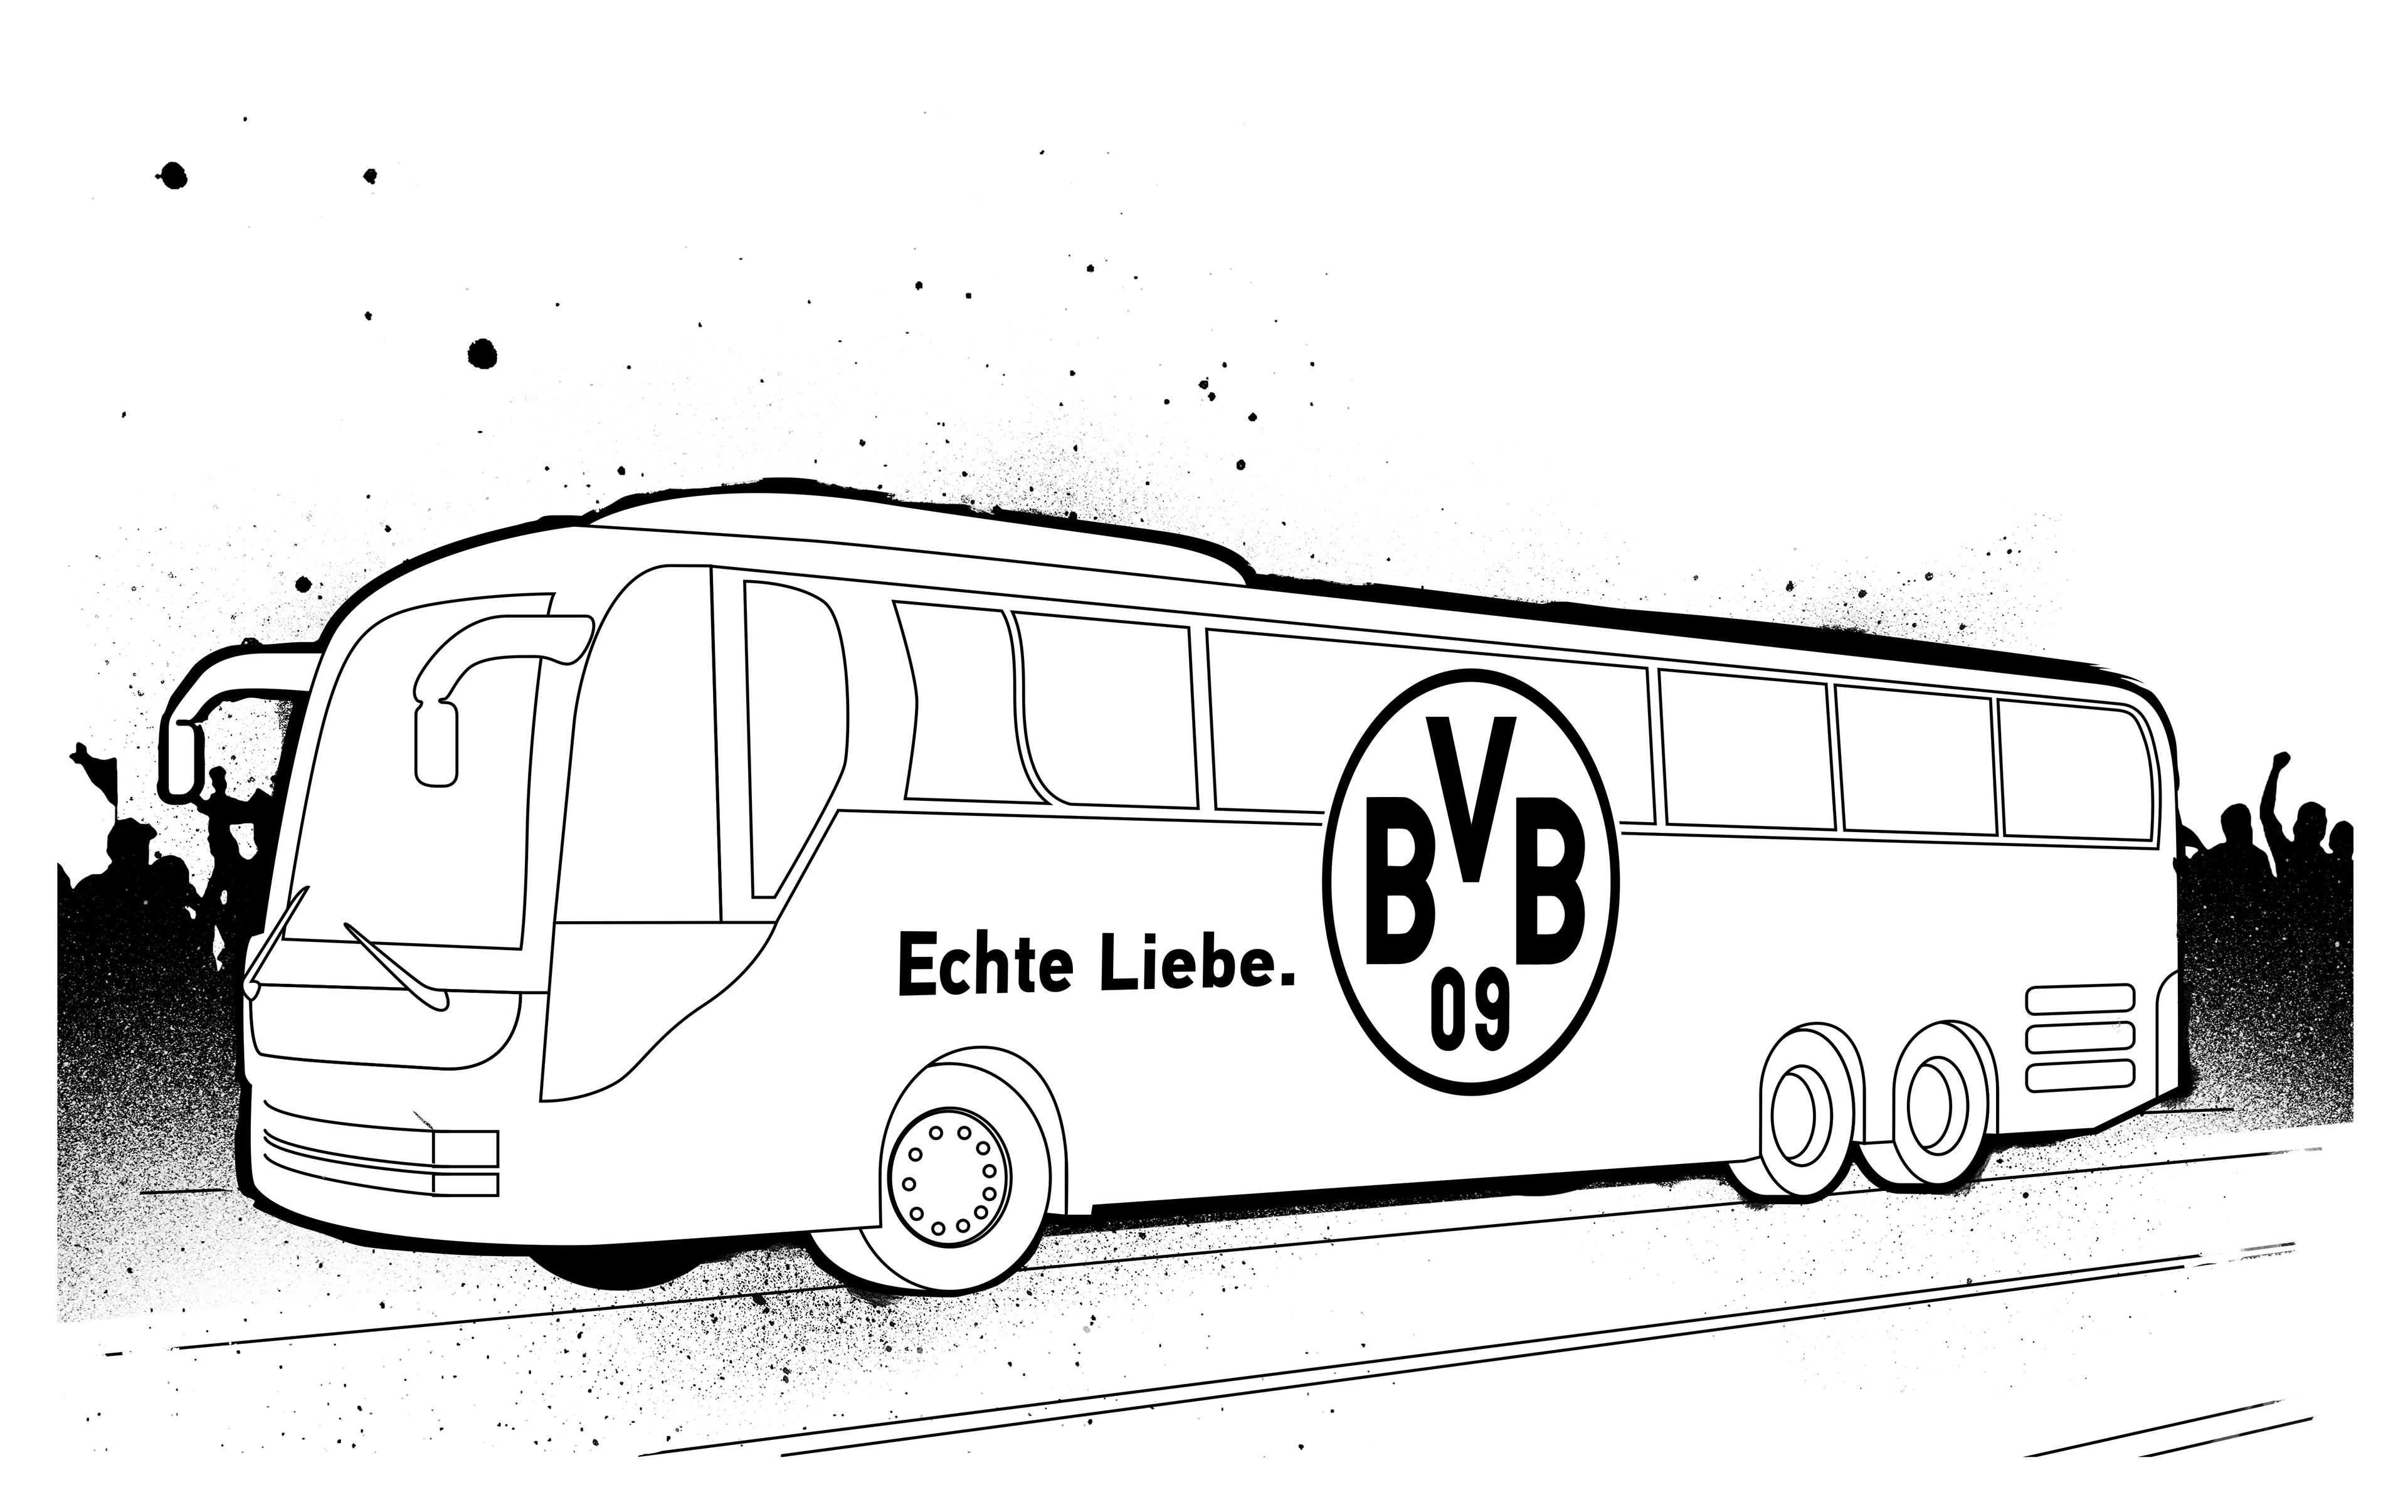 BVB Malbuch on Behance